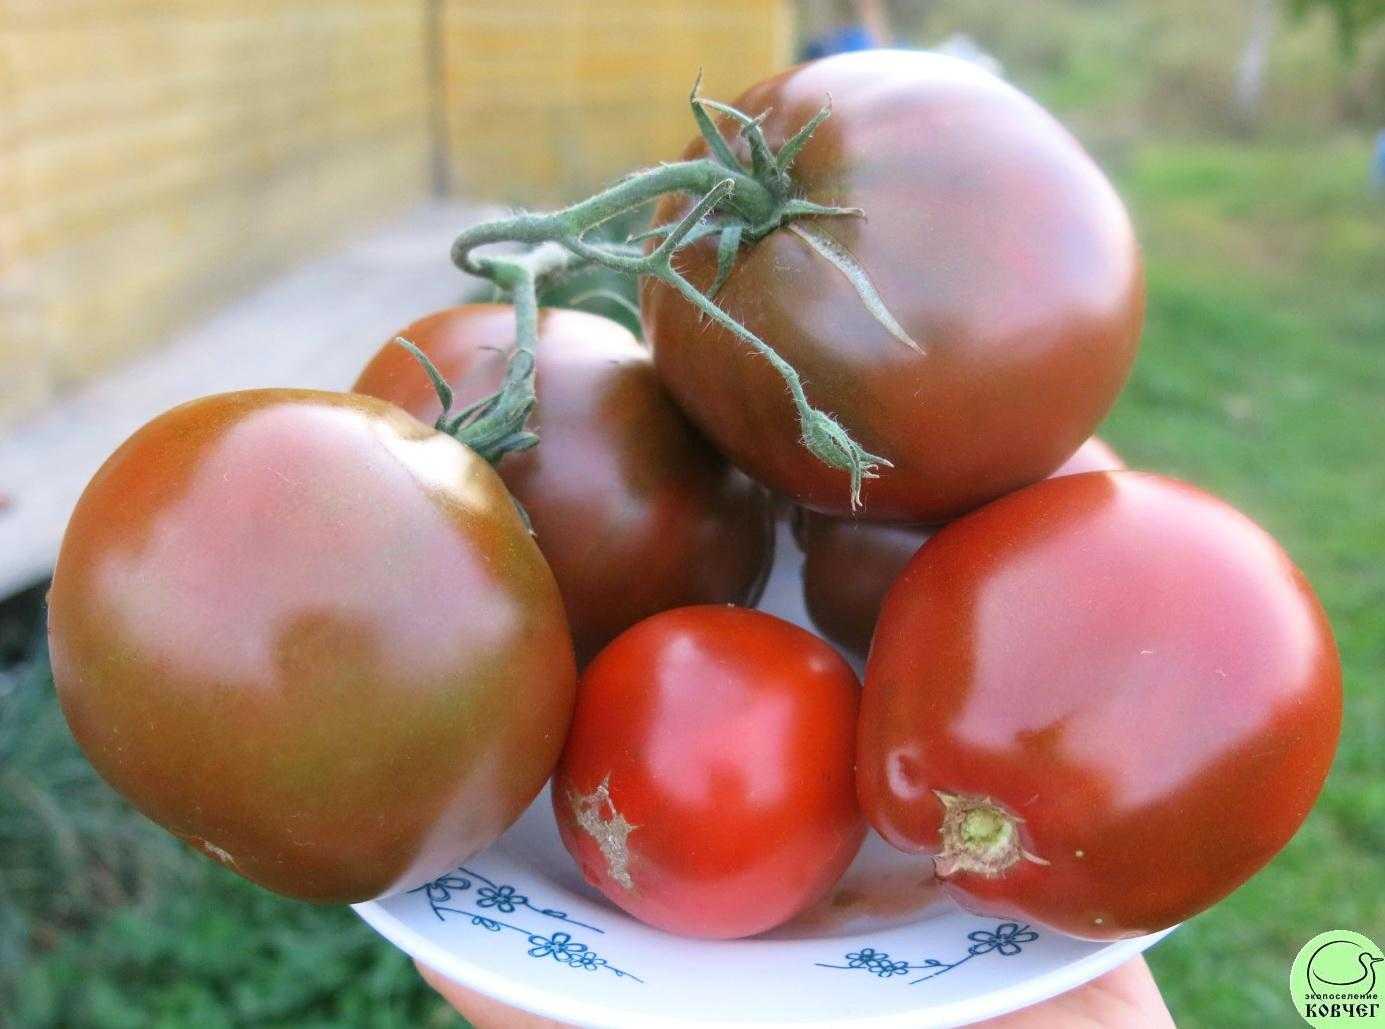 сначала томат японский трюфель черный отзывы фото всех